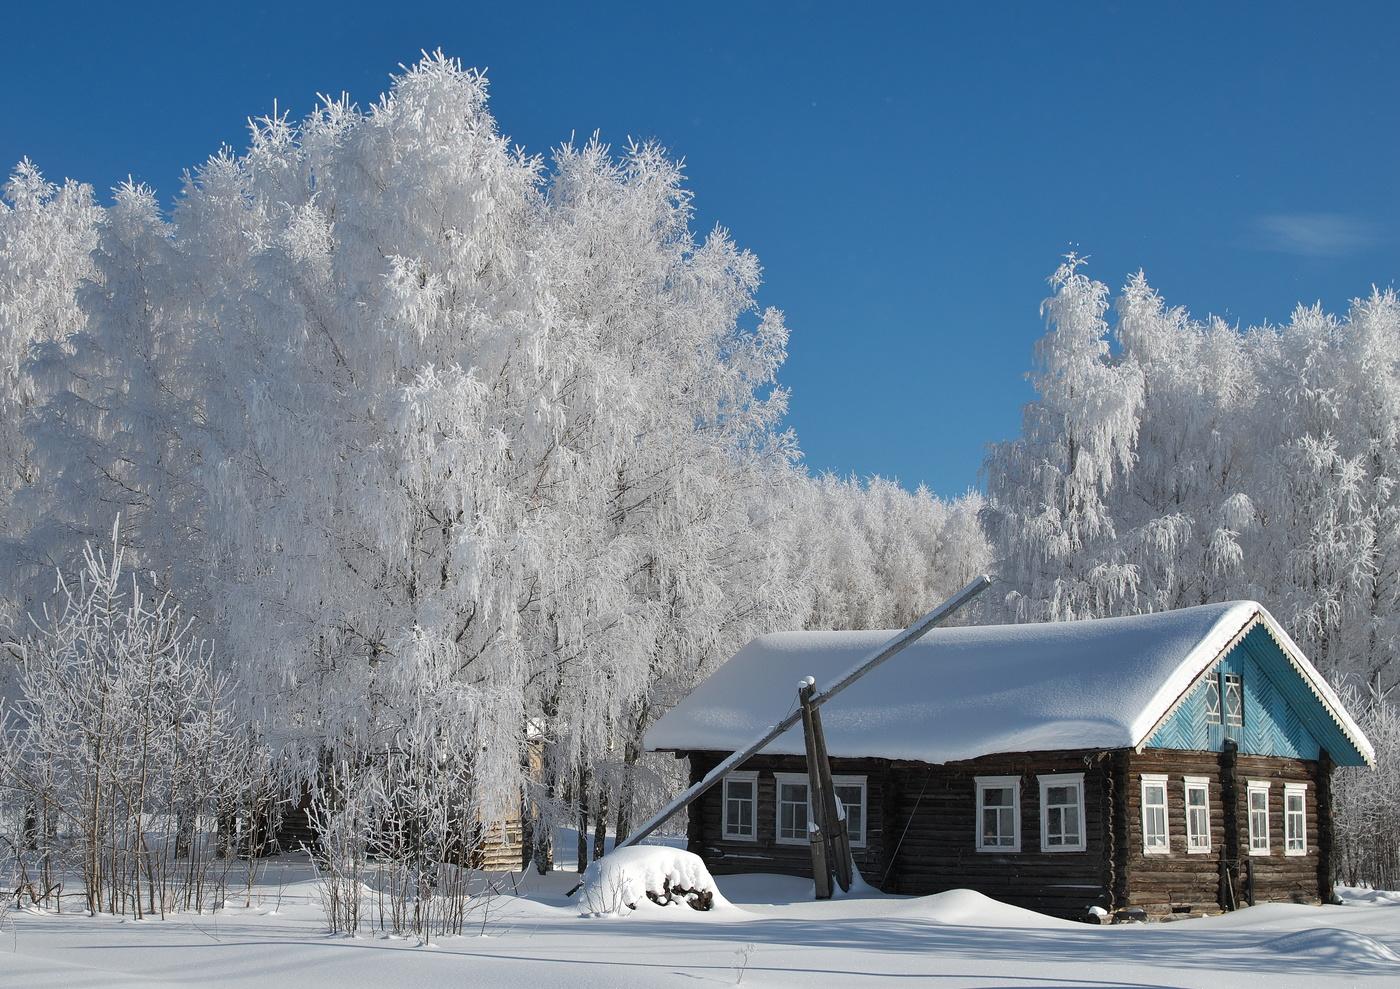 комфортный картинки зимнего утра в деревне известна, она